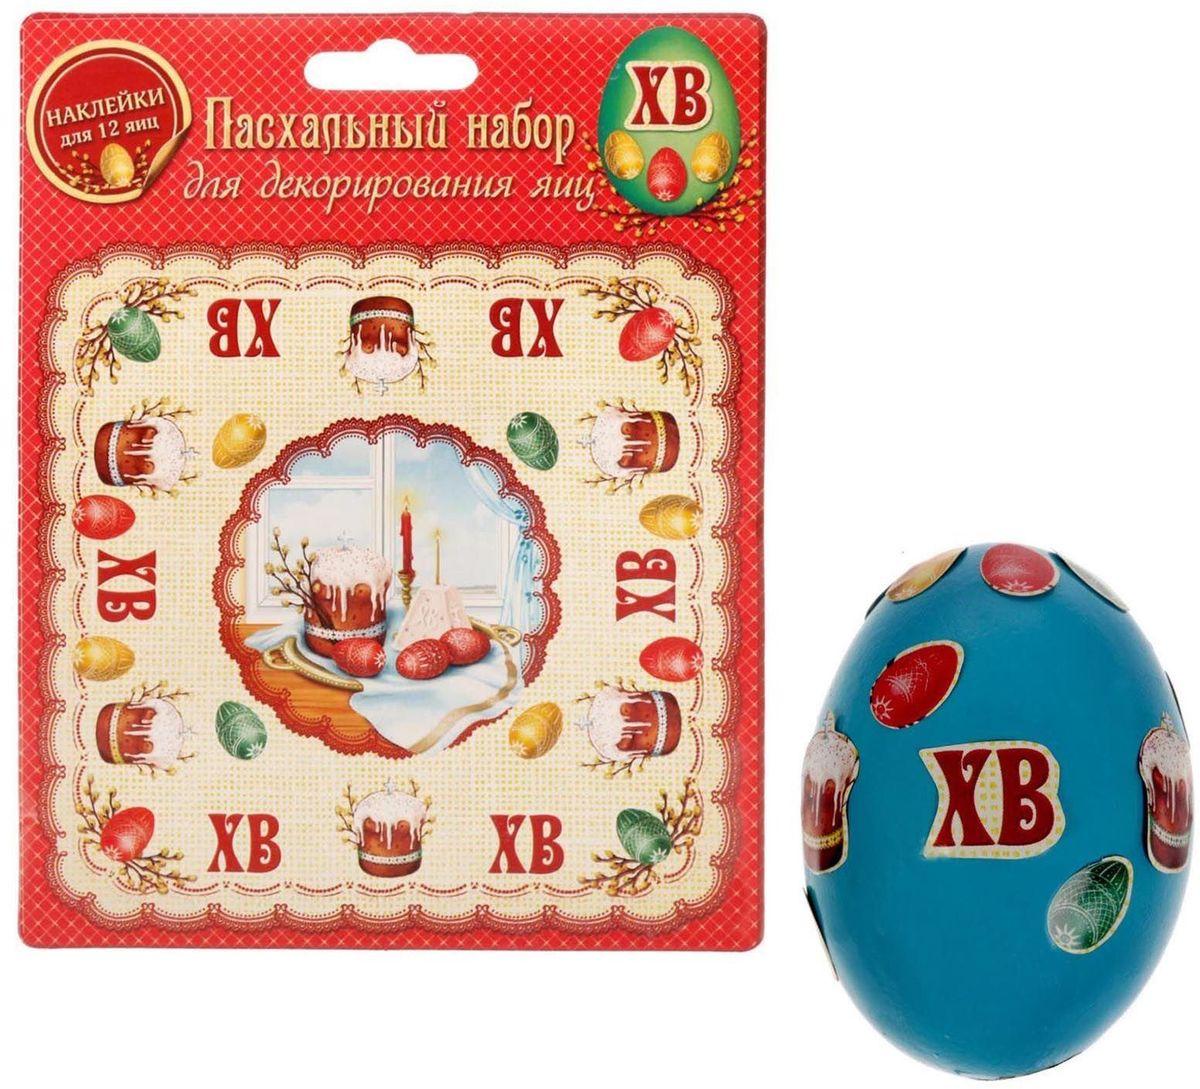 Пасхальный набор для декорирования яиц Пасхальная композиция, 12,5 х 16 см. 16359201635920Пасхальный набор для декорирования яиц - прекрасный выбор для создания атмосферы праздника. У каждого из нас есть любимый праздник, которого он ждет с нетерпением! Это может быть Новый Год или День Рождения, 8 Марта или 23 Февраля, когда вы просыпаетесь с утра с улыбкой и готовы делиться хорошим настроением со всеми.